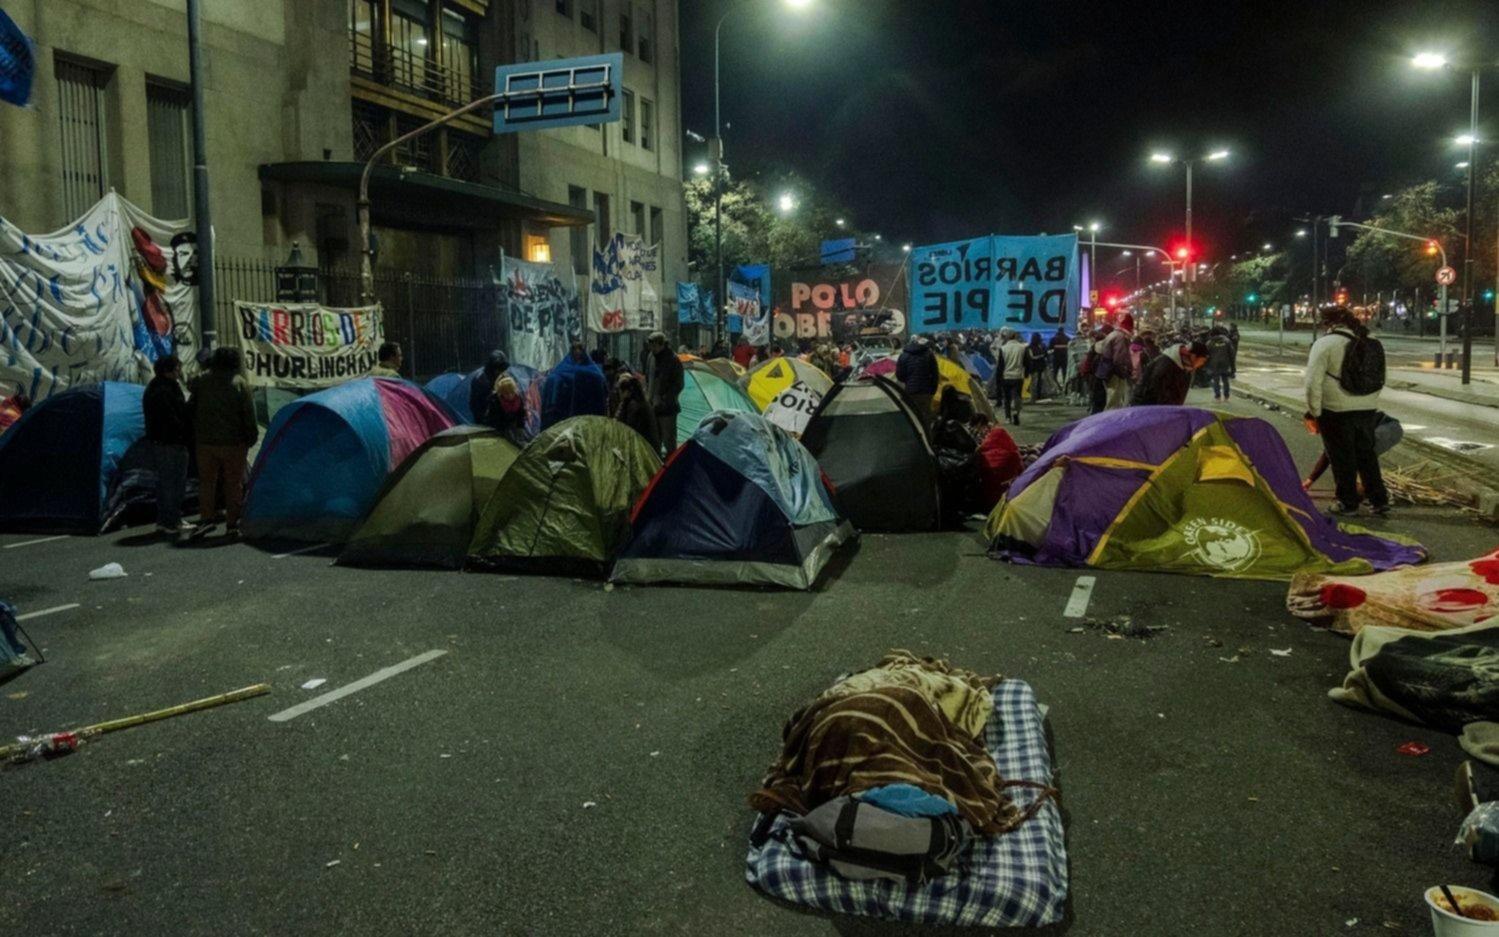 La protesta social crece en medio de la puja electoral